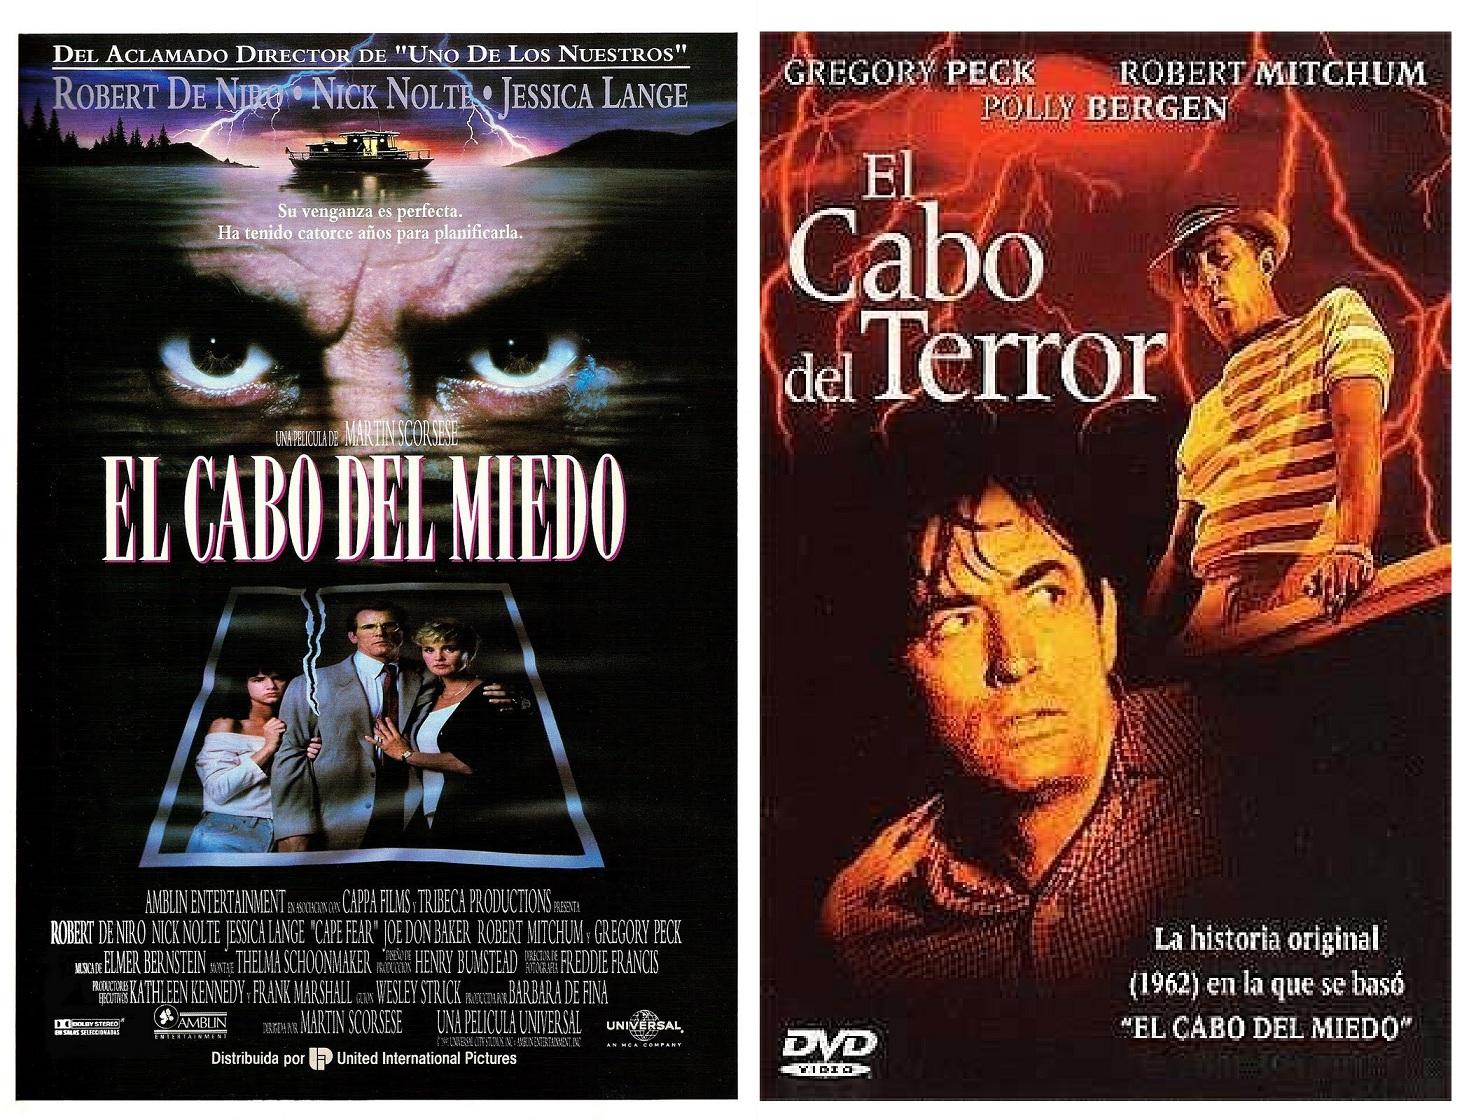 El cabo del terror films based on novels - Robert de niro el cabo del miedo ...